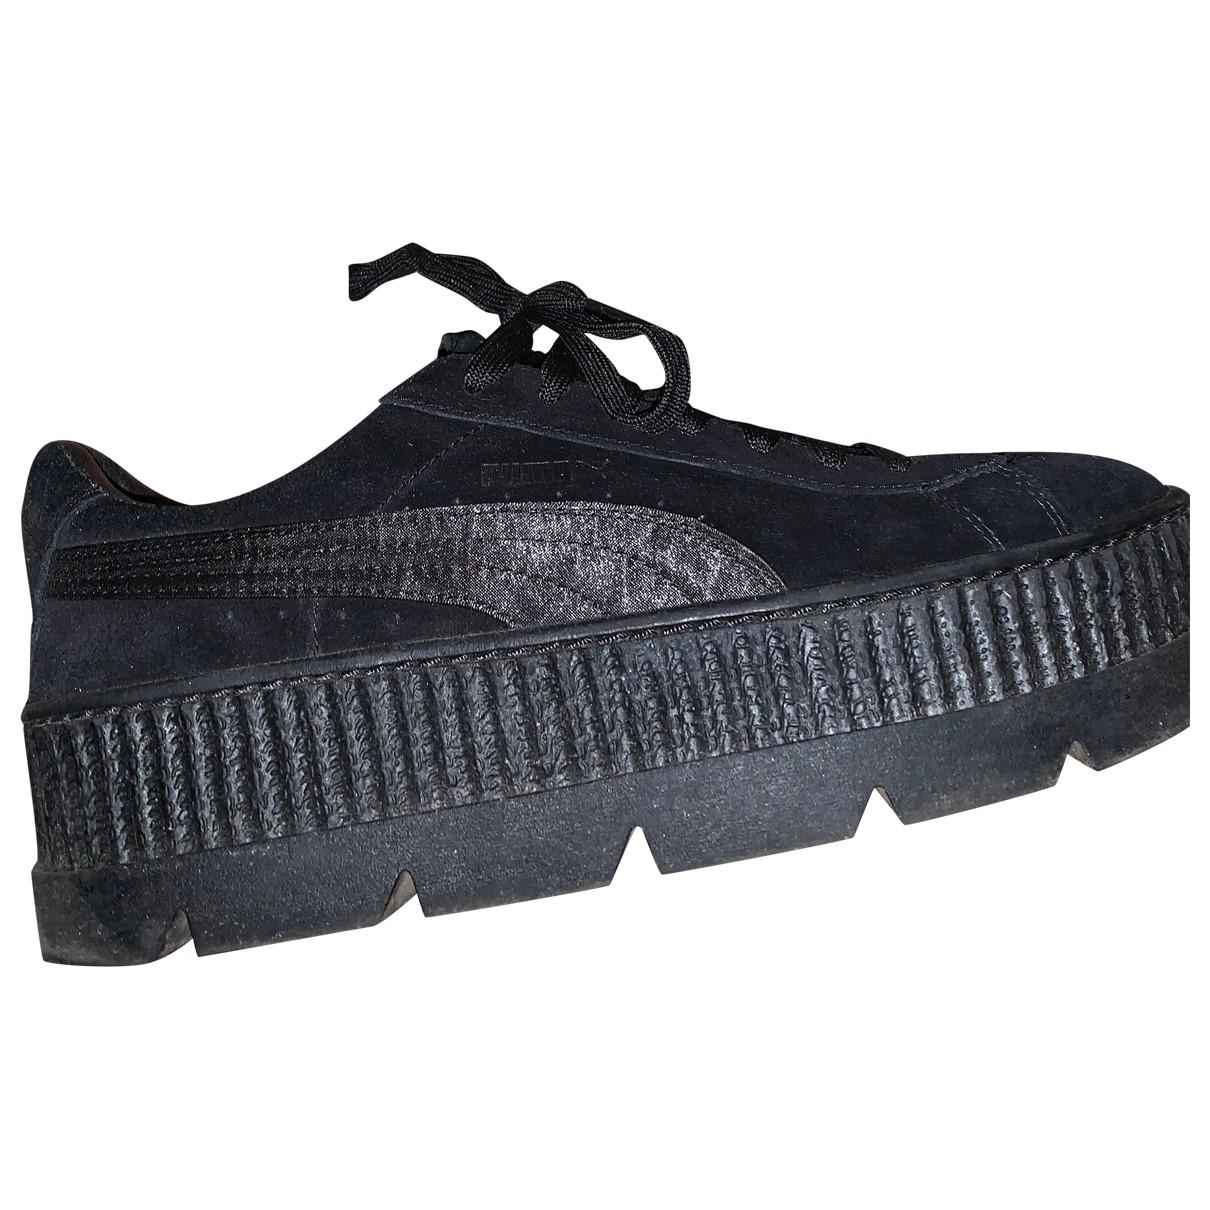 Fenty X Puma - Baskets   pour homme en cuir - noir